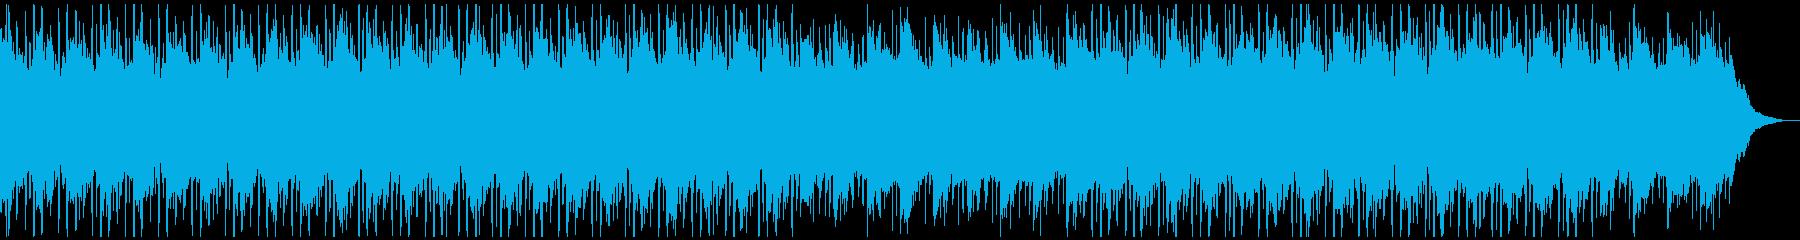 コーポレート テクノロジー 電気ピ...の再生済みの波形